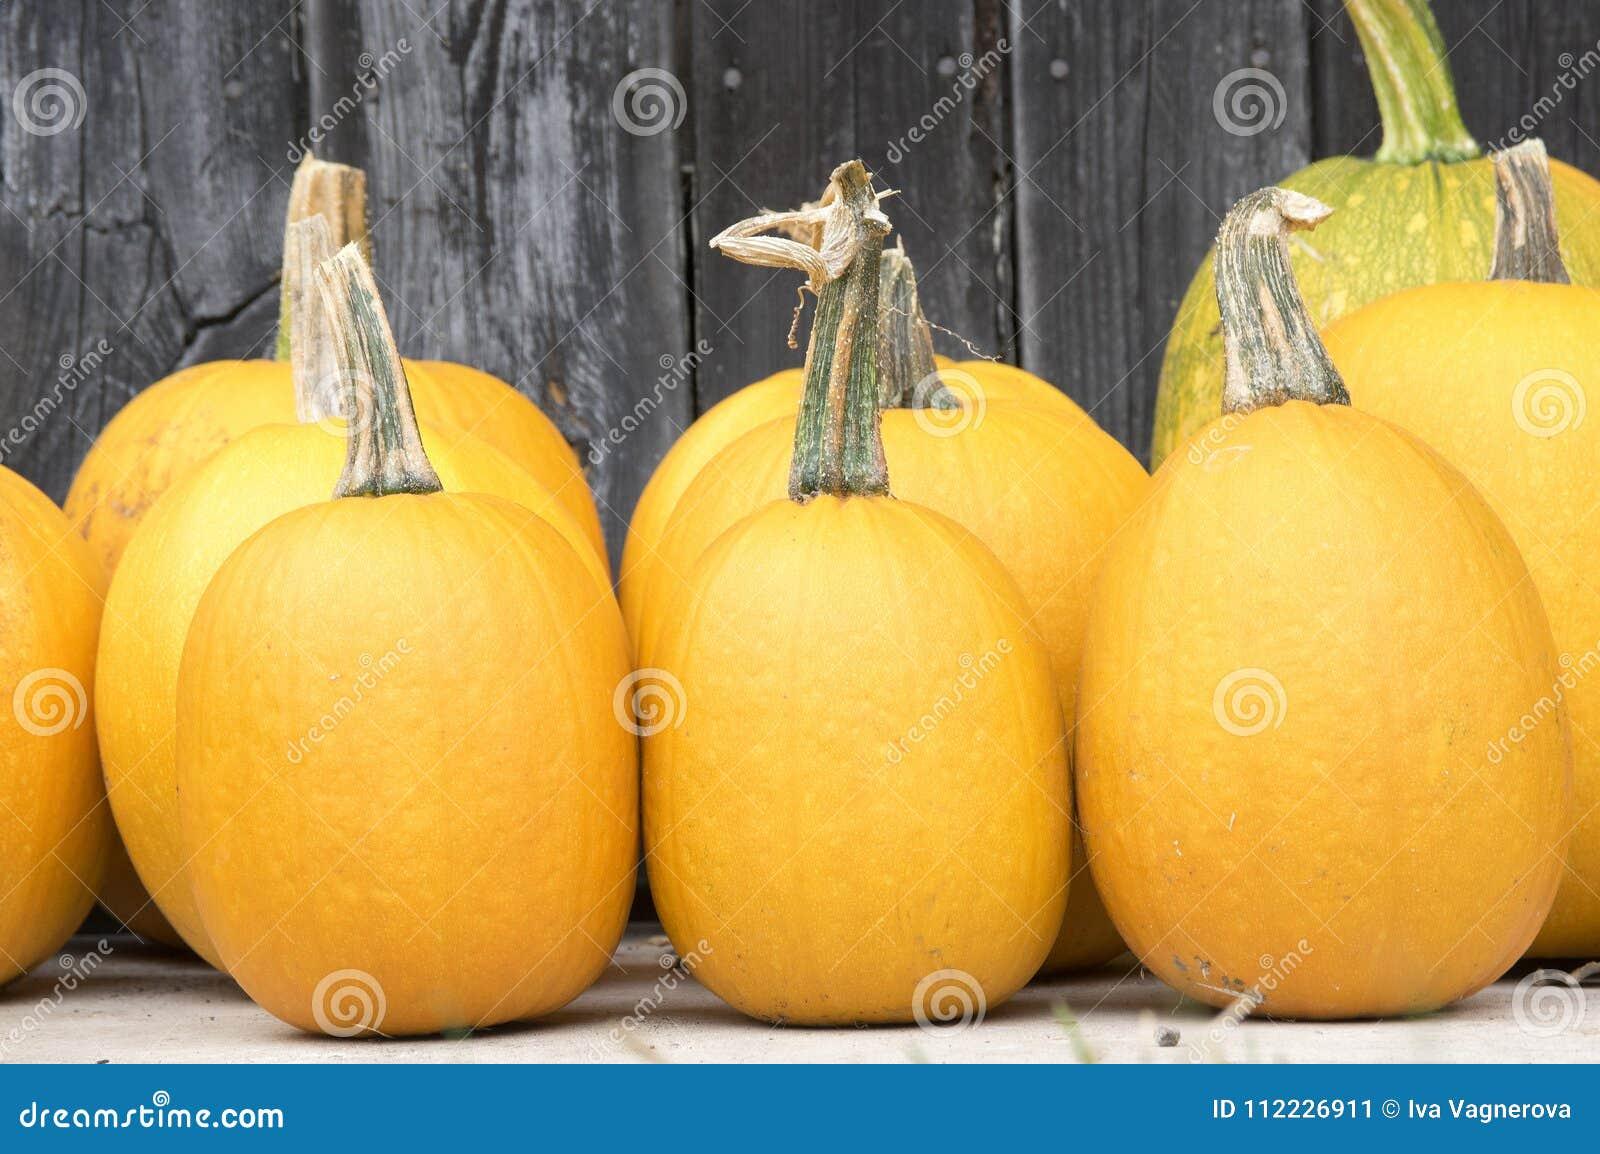 Pianta Di Zucca Di Halloween.Zucca Pianta Strisciante Giro Oblate Styriaca Ovale Di Cucurbita